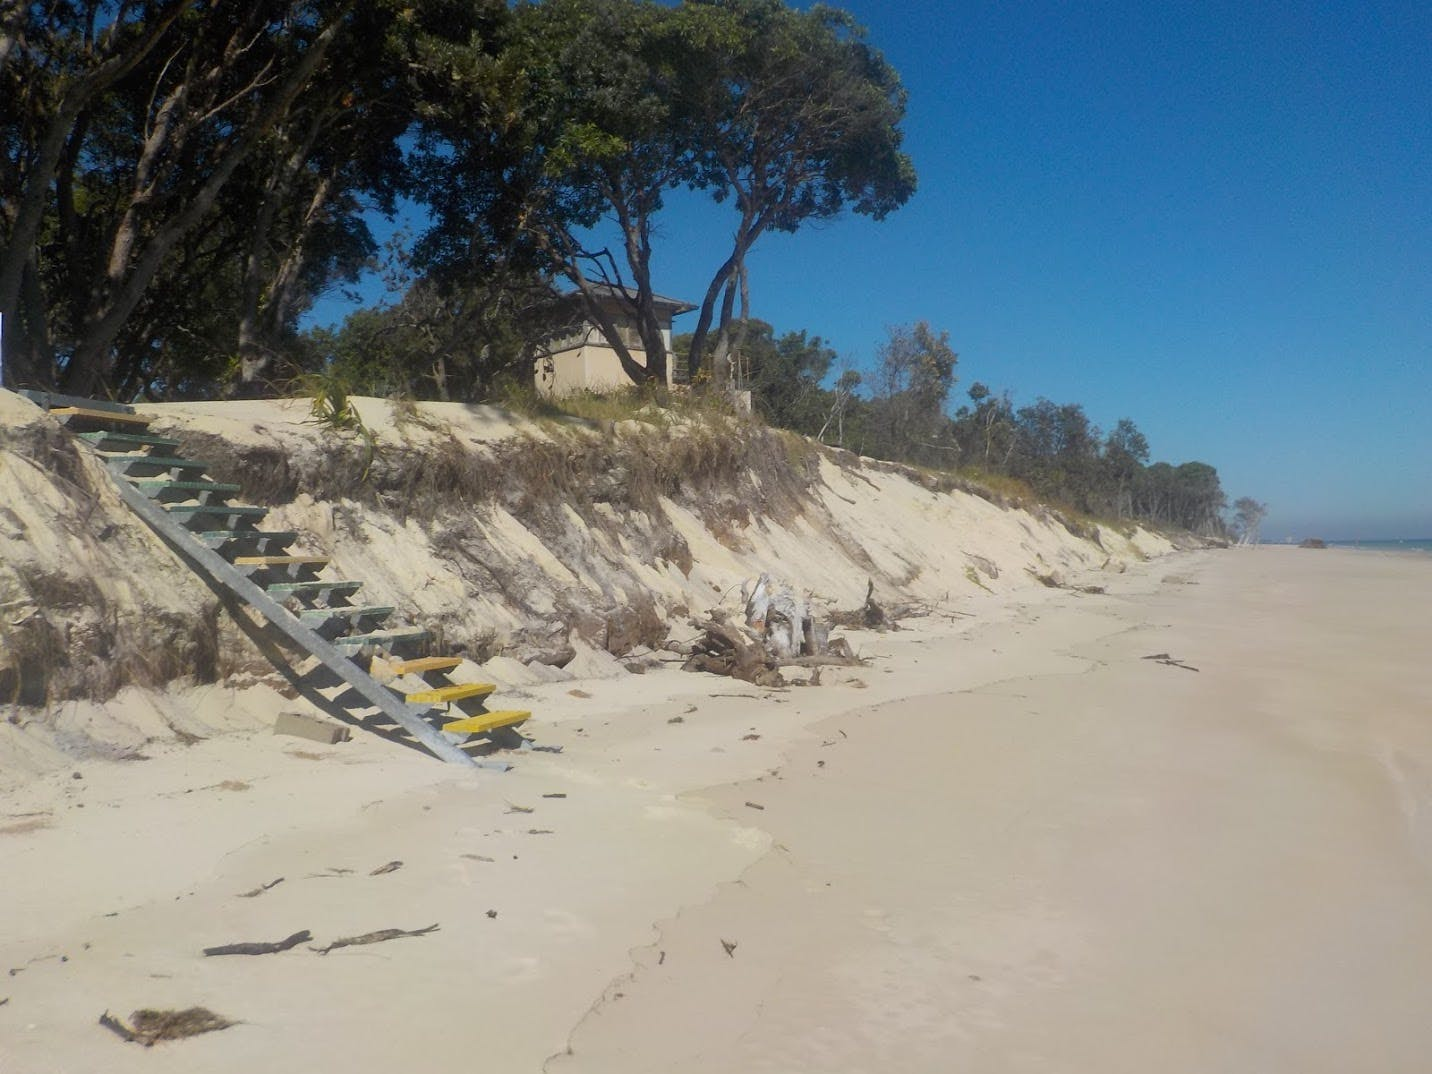 Beach Erosion at Cowan Cowan, Moreton Island